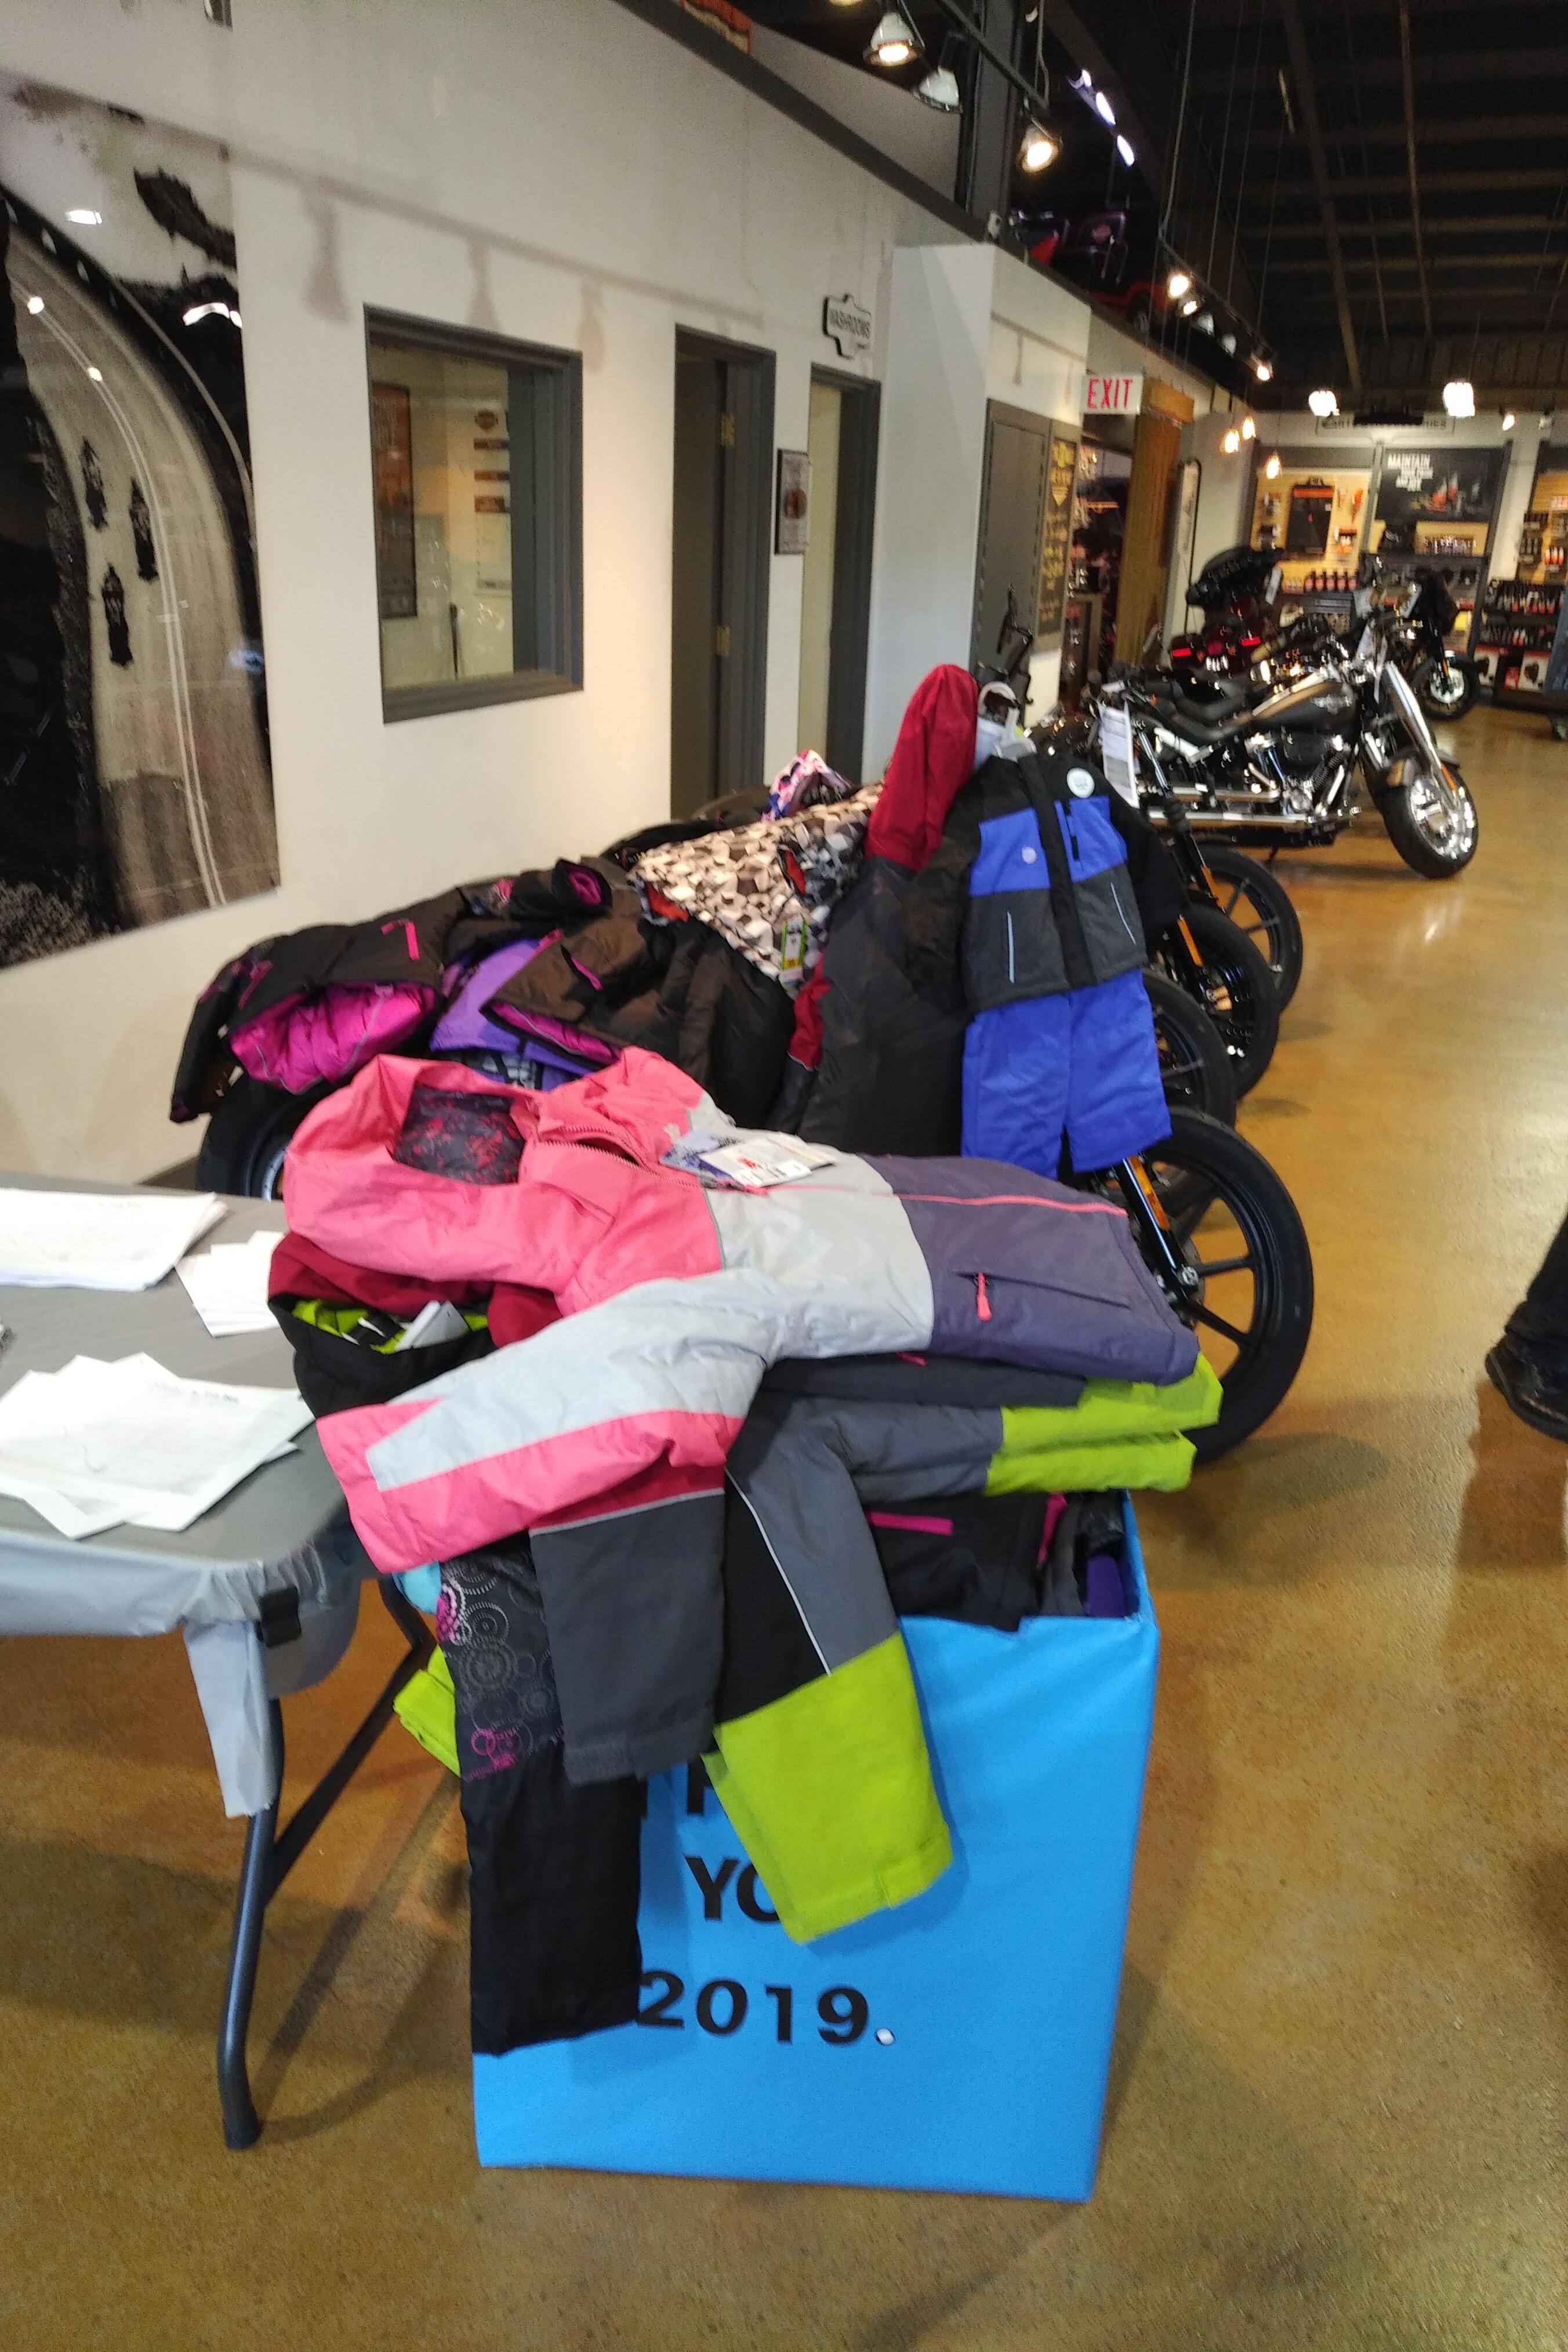 Snowsuit Donations Clothes for Kids